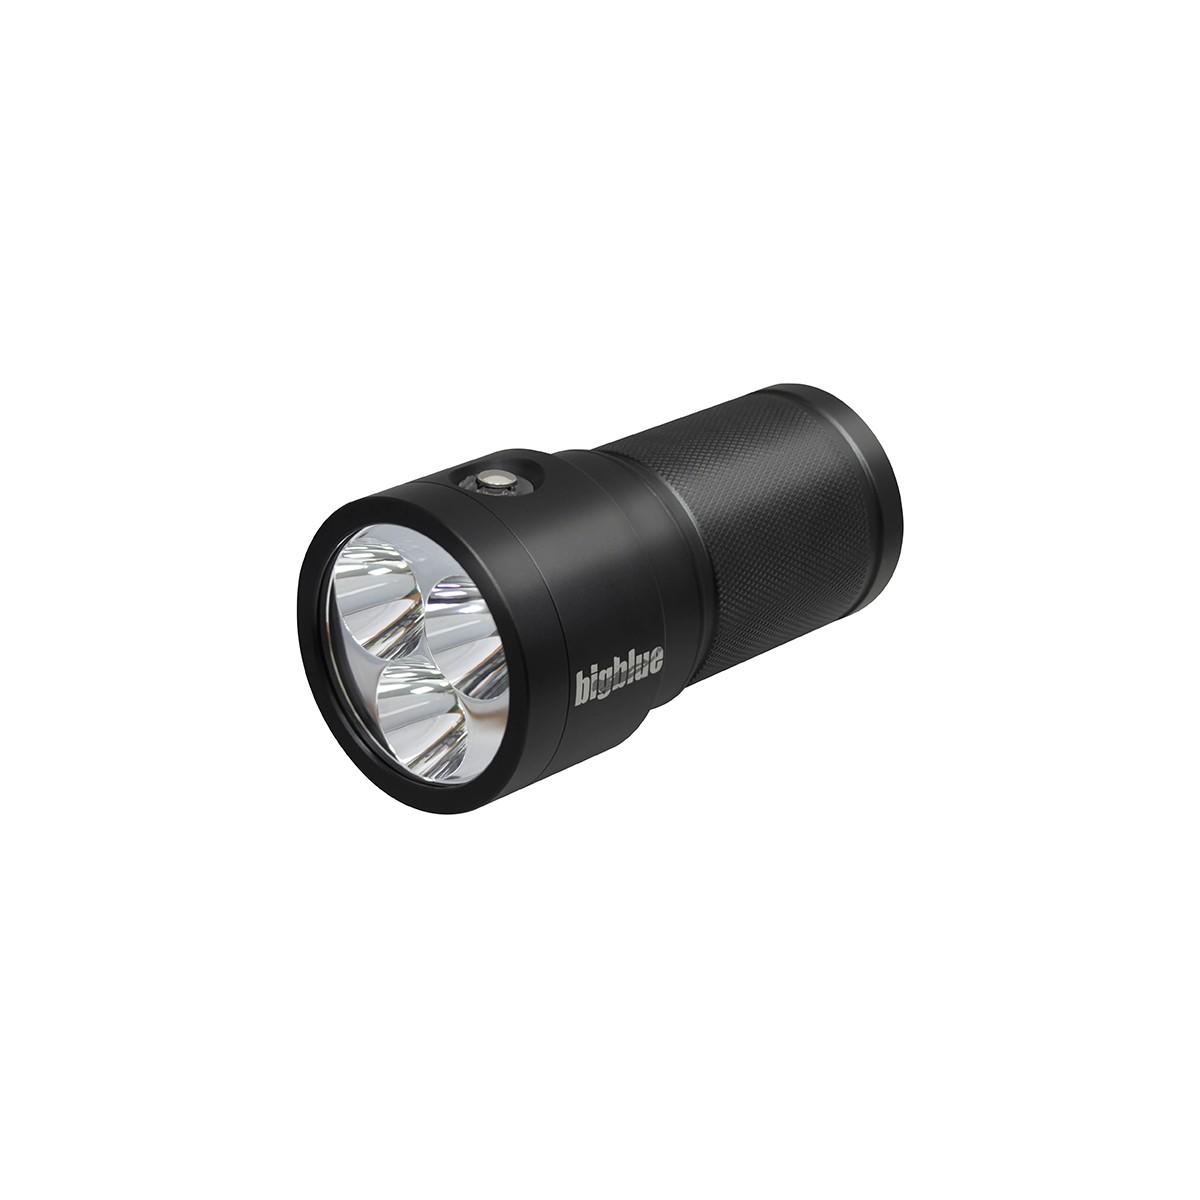 Bigblue 3500 Lumen Tech Light (TL3500P-Supreme)